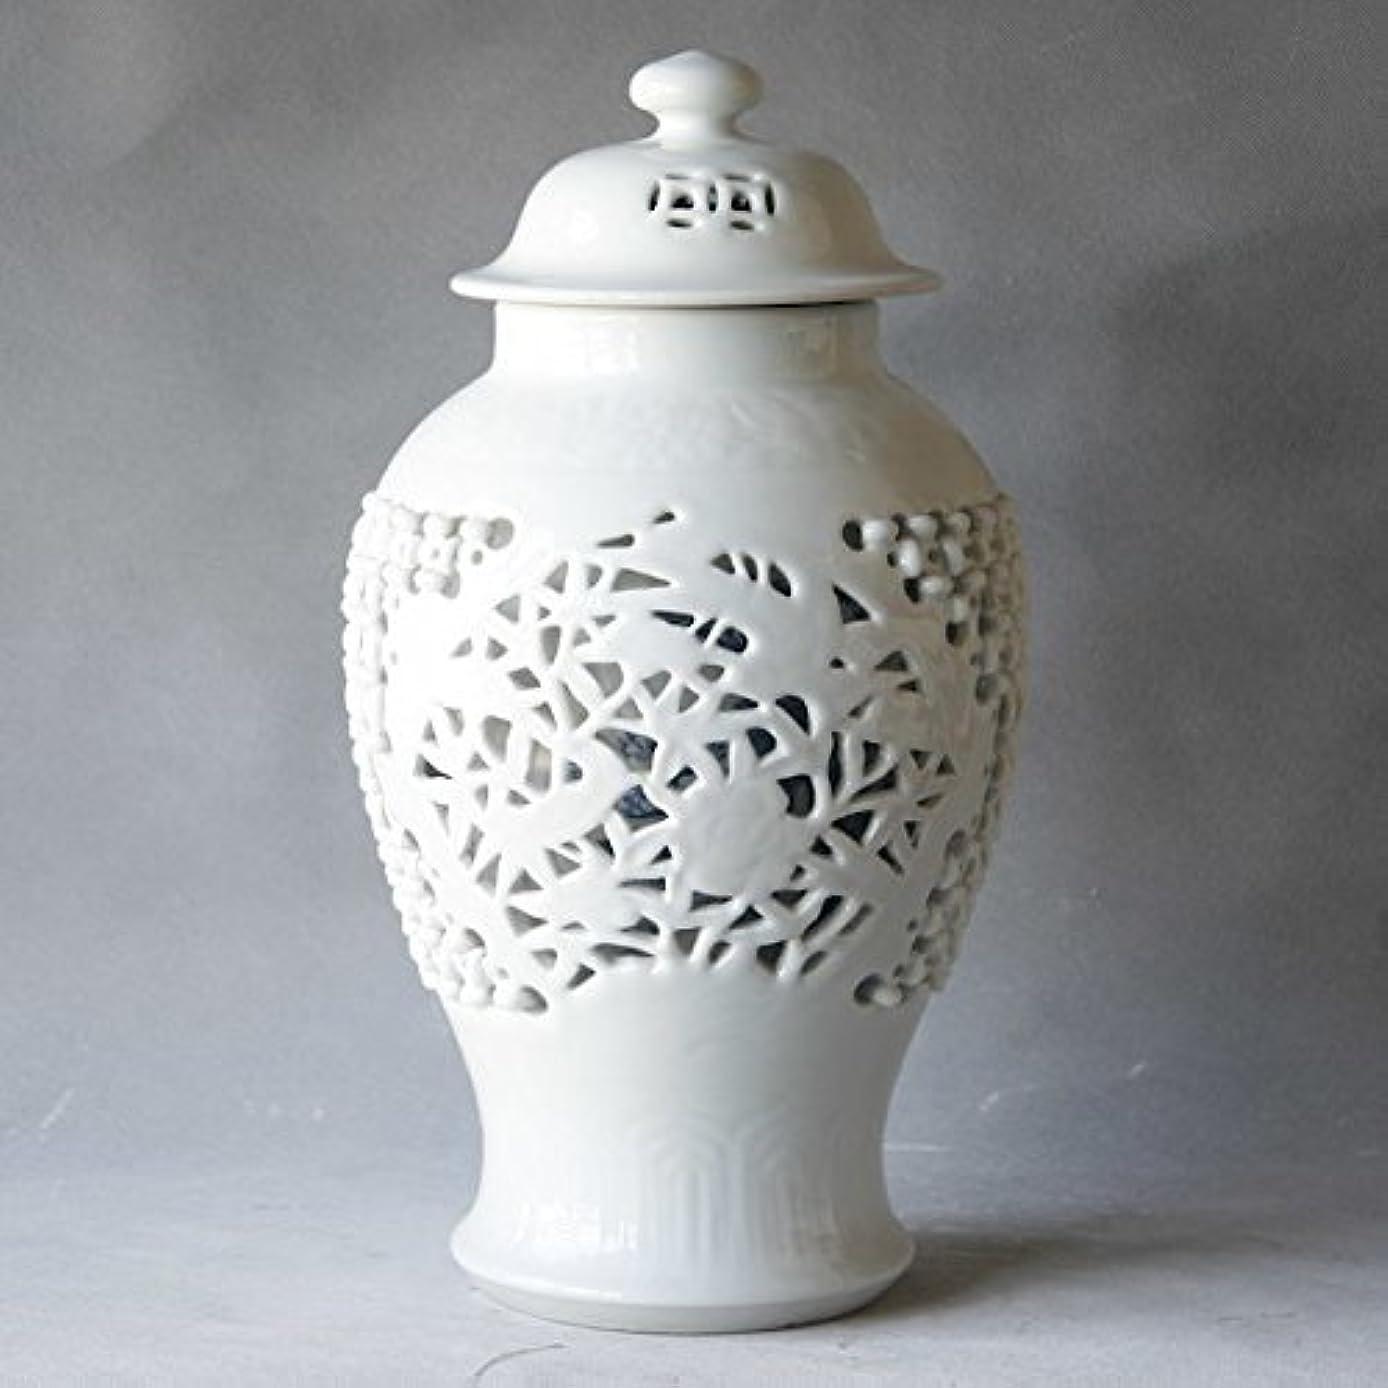 泥沼サミュエルあえぎアジアTraditional ChineseセラミックホワイトCarvedノット魅力的なTemple Jar